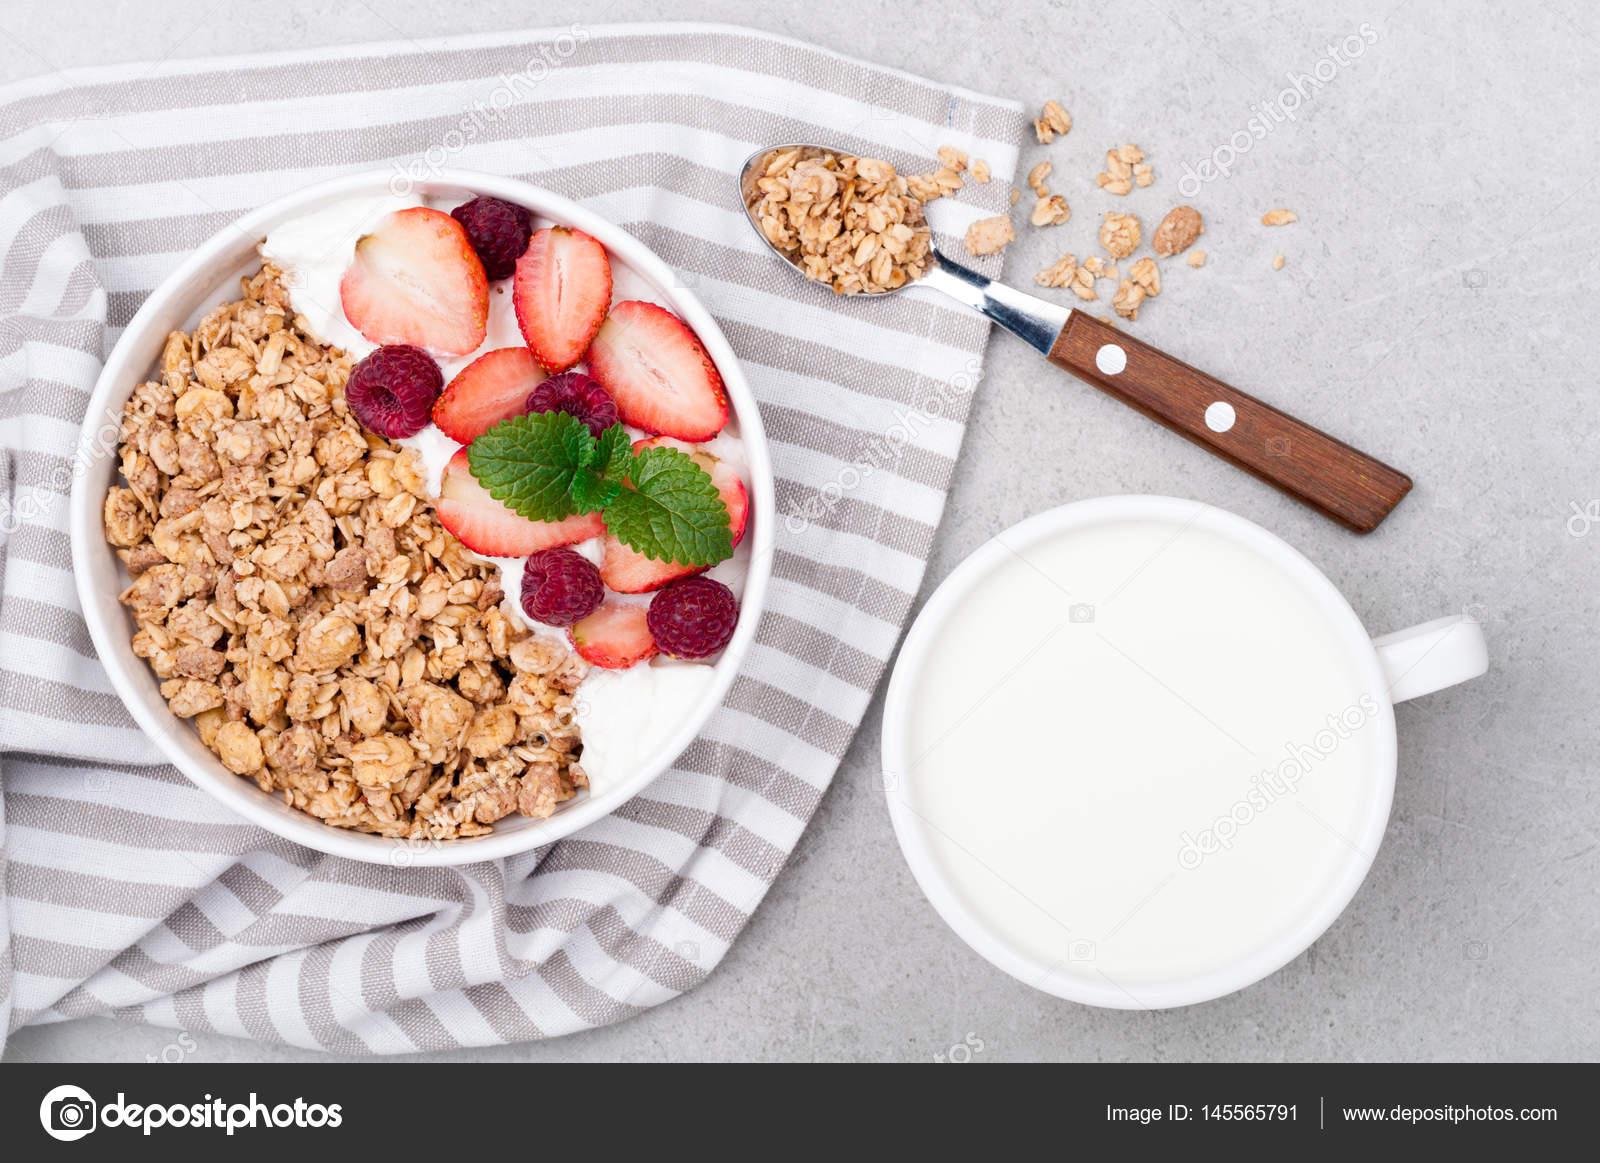 Dieta de yogurt y avena